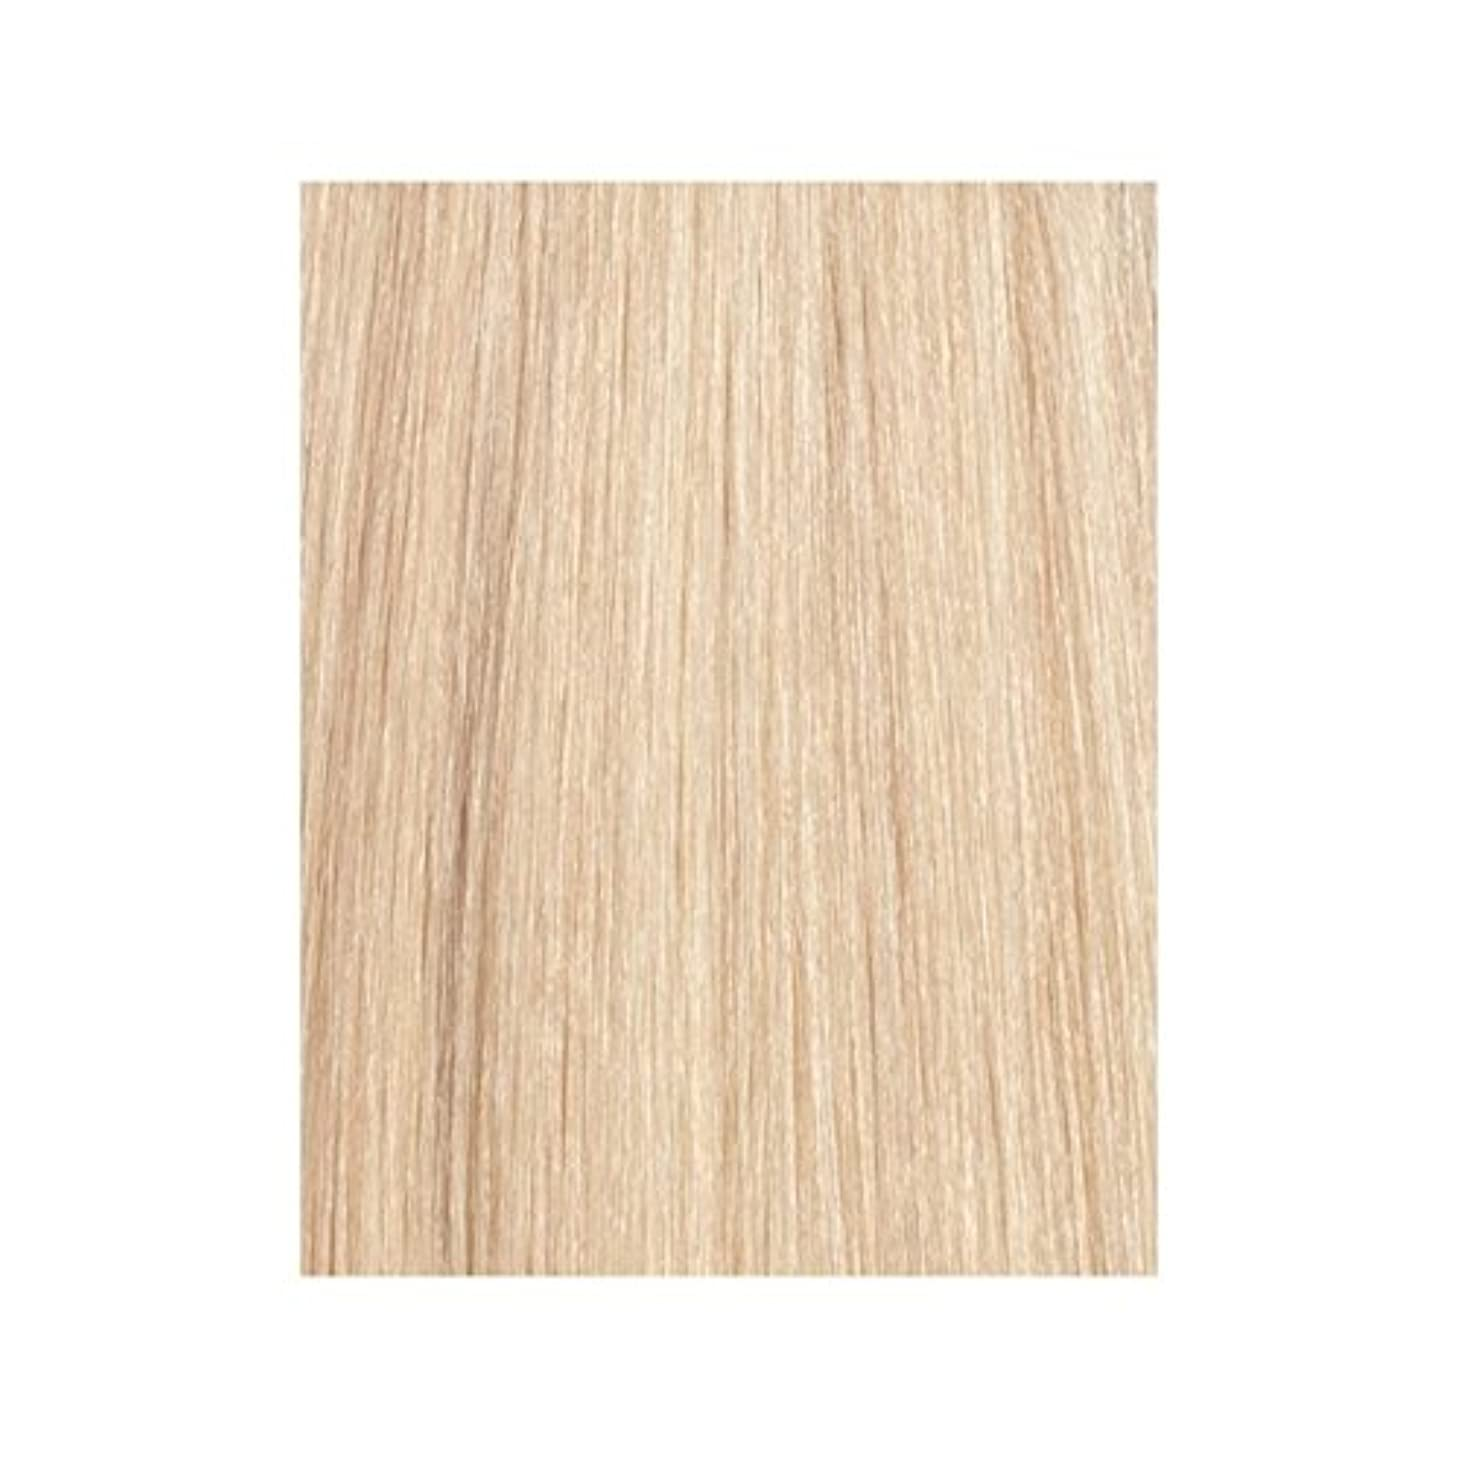 下線ブート予定Beauty Works 100% Remy Colour Swatch Hair Extension - La Blonde 613/24 (Pack of 6) - ラ?ブロンド24分の613 - 美しさは、100%レミーの色見本ヘアエクステンションの作品 x6 [並行輸入品]